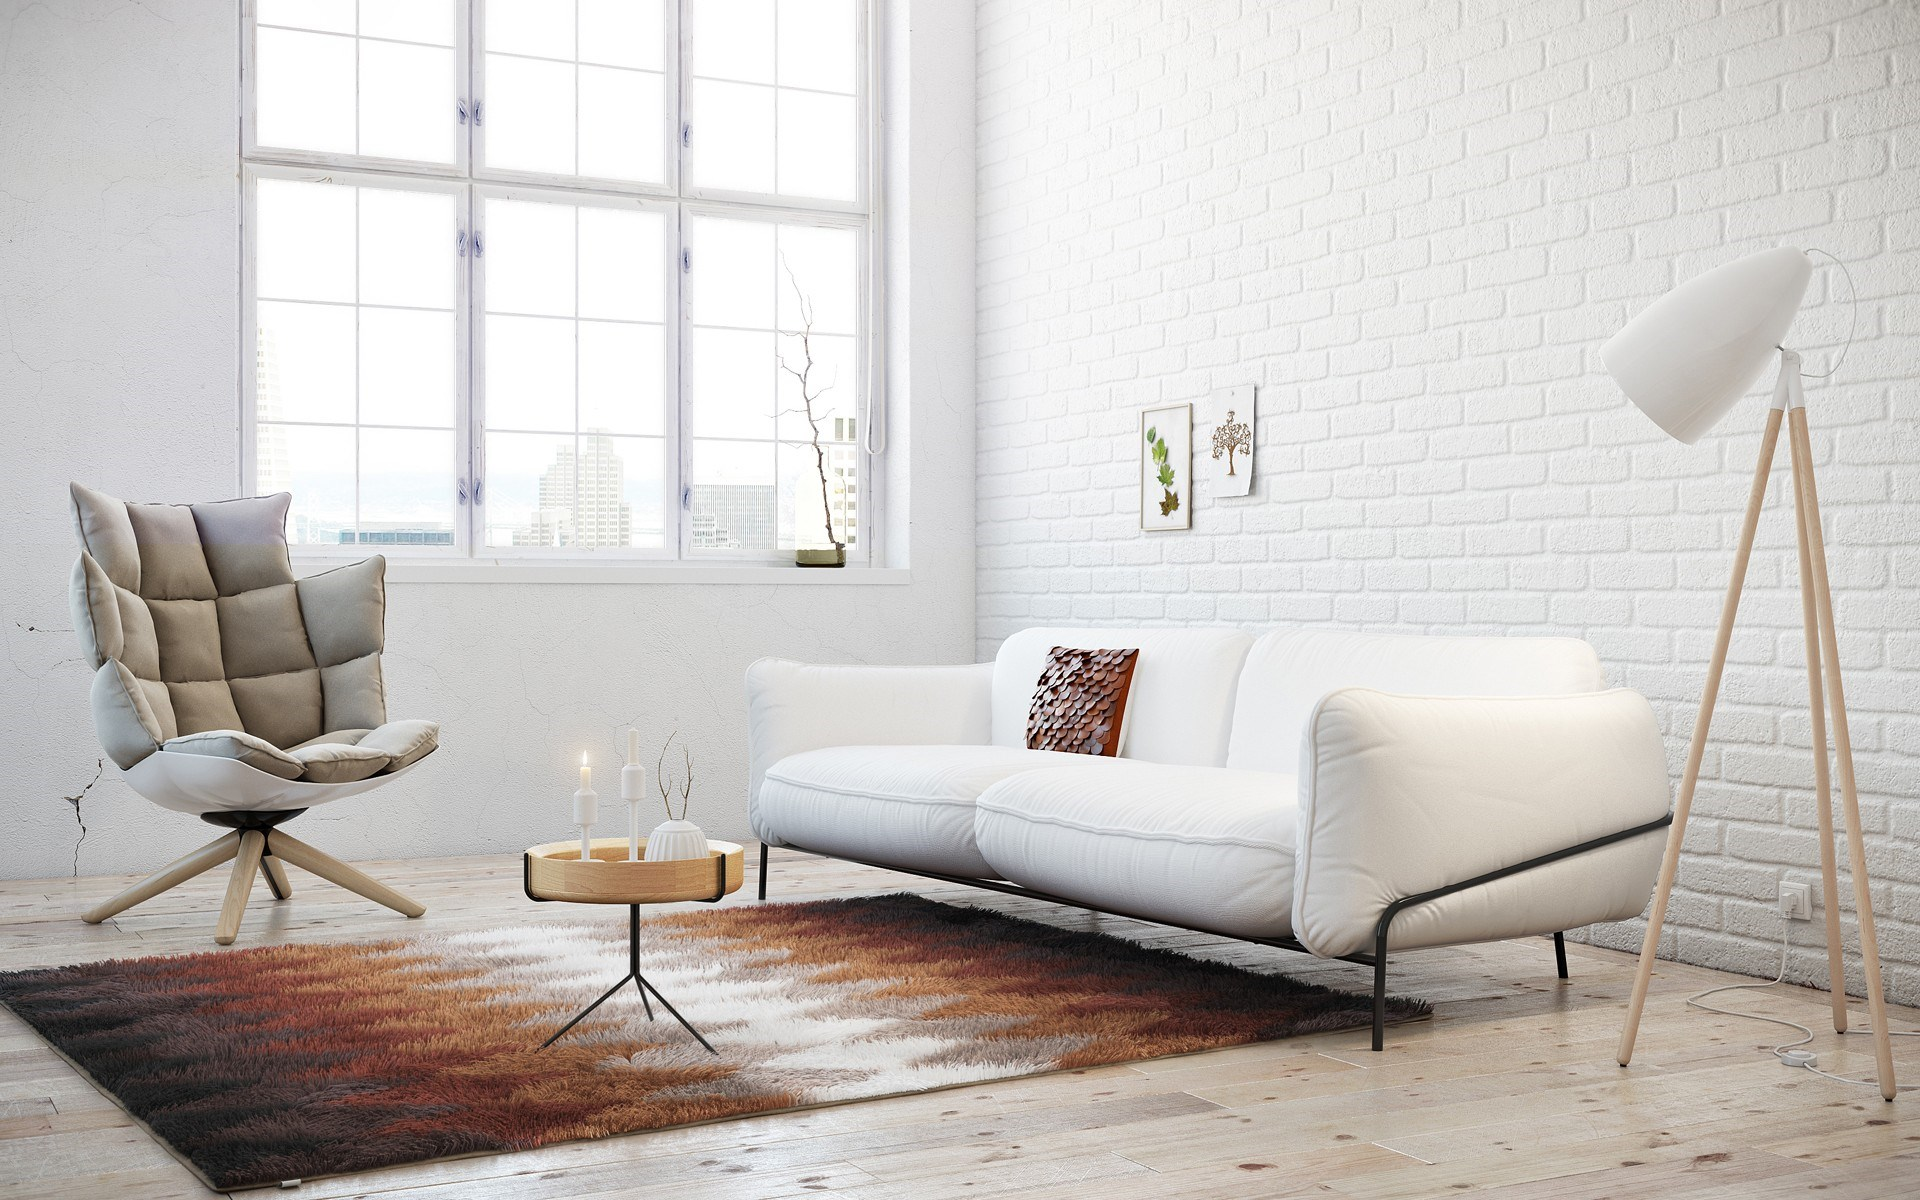 Белый диван в стиле лофт